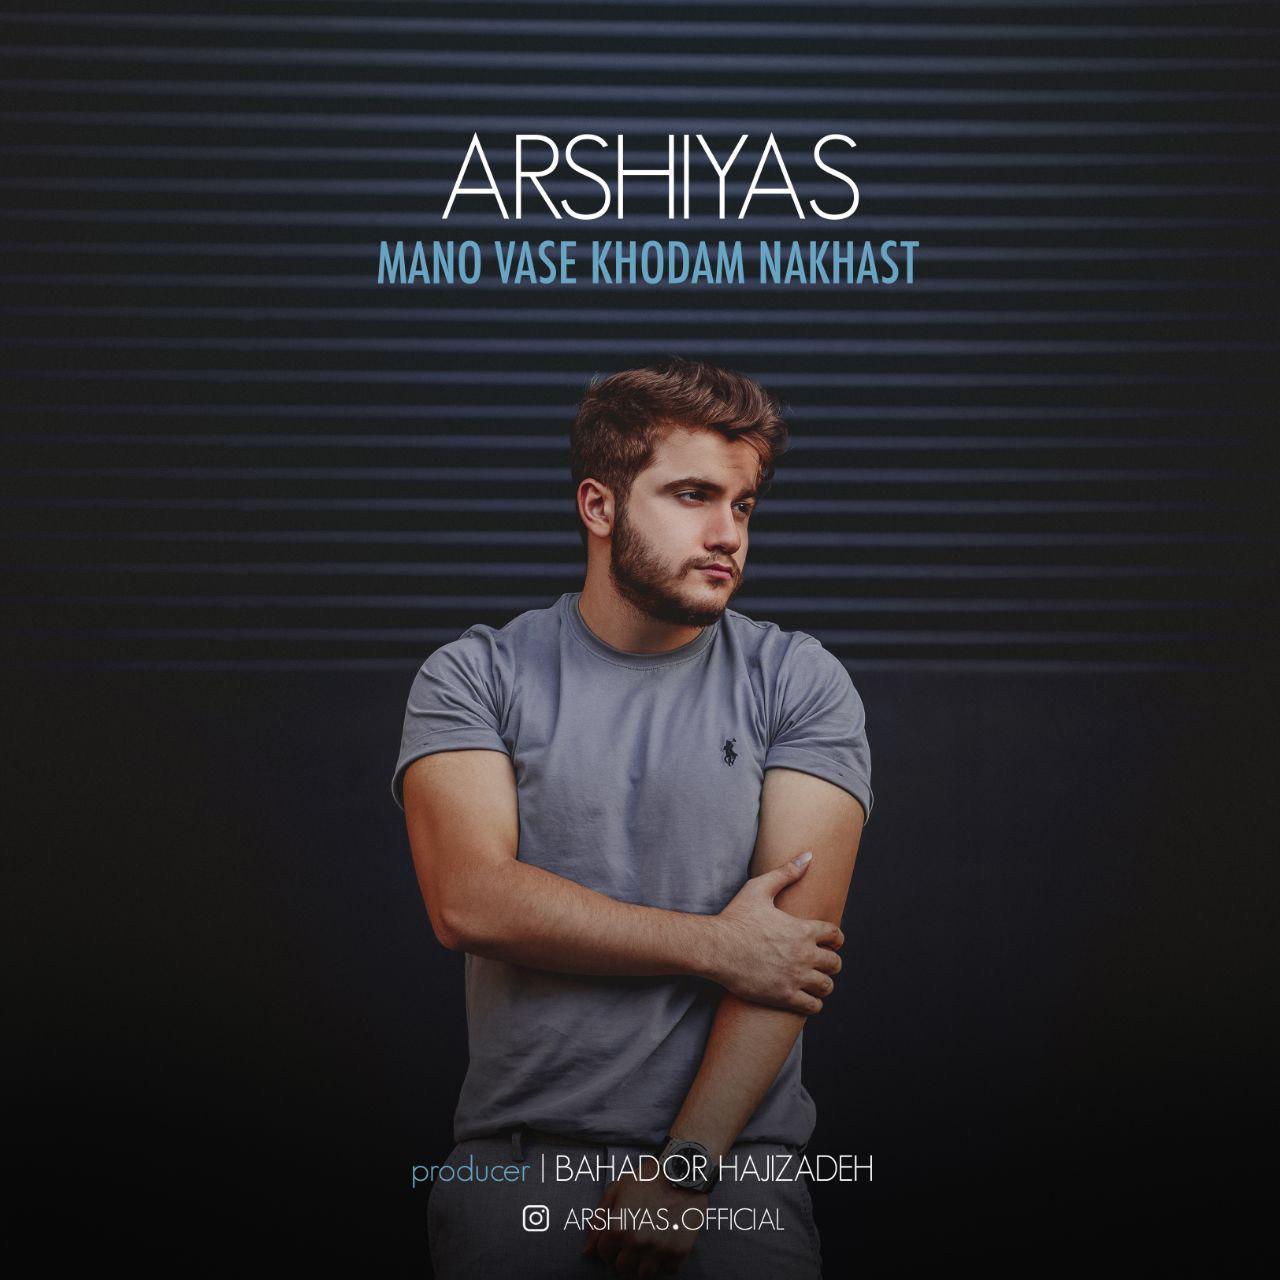 Arshiyas – Mano Vase Khodam Nakhast